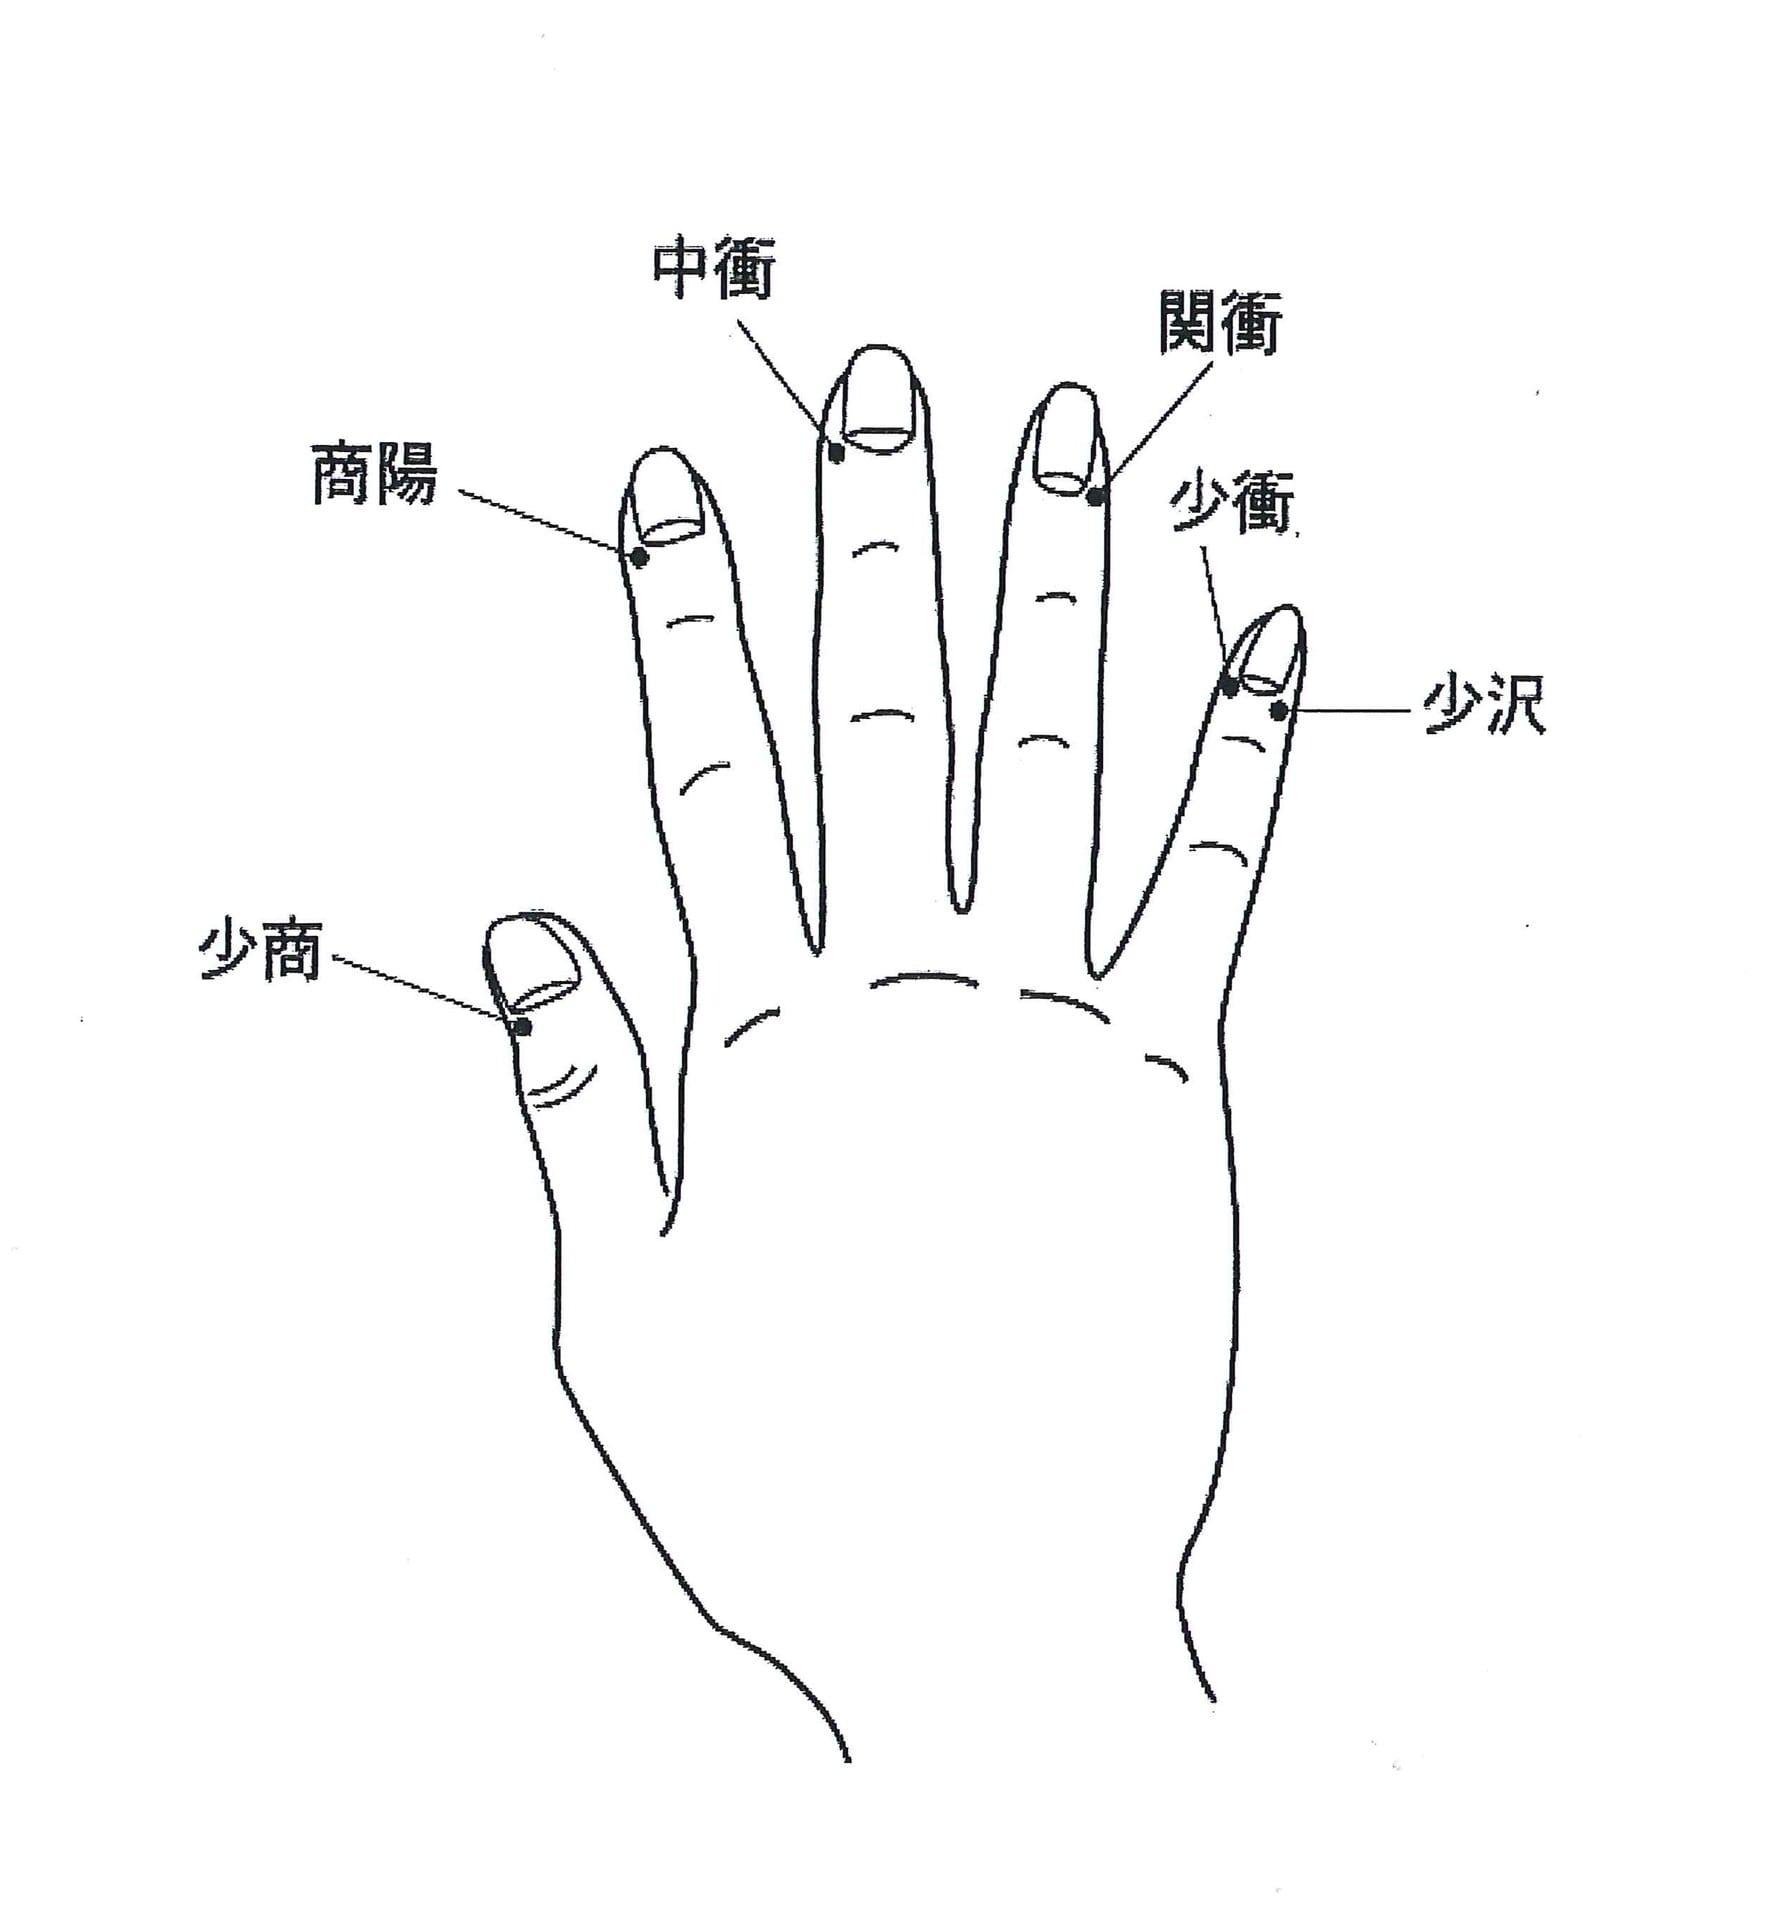 本山硯士の円心五法の真髄